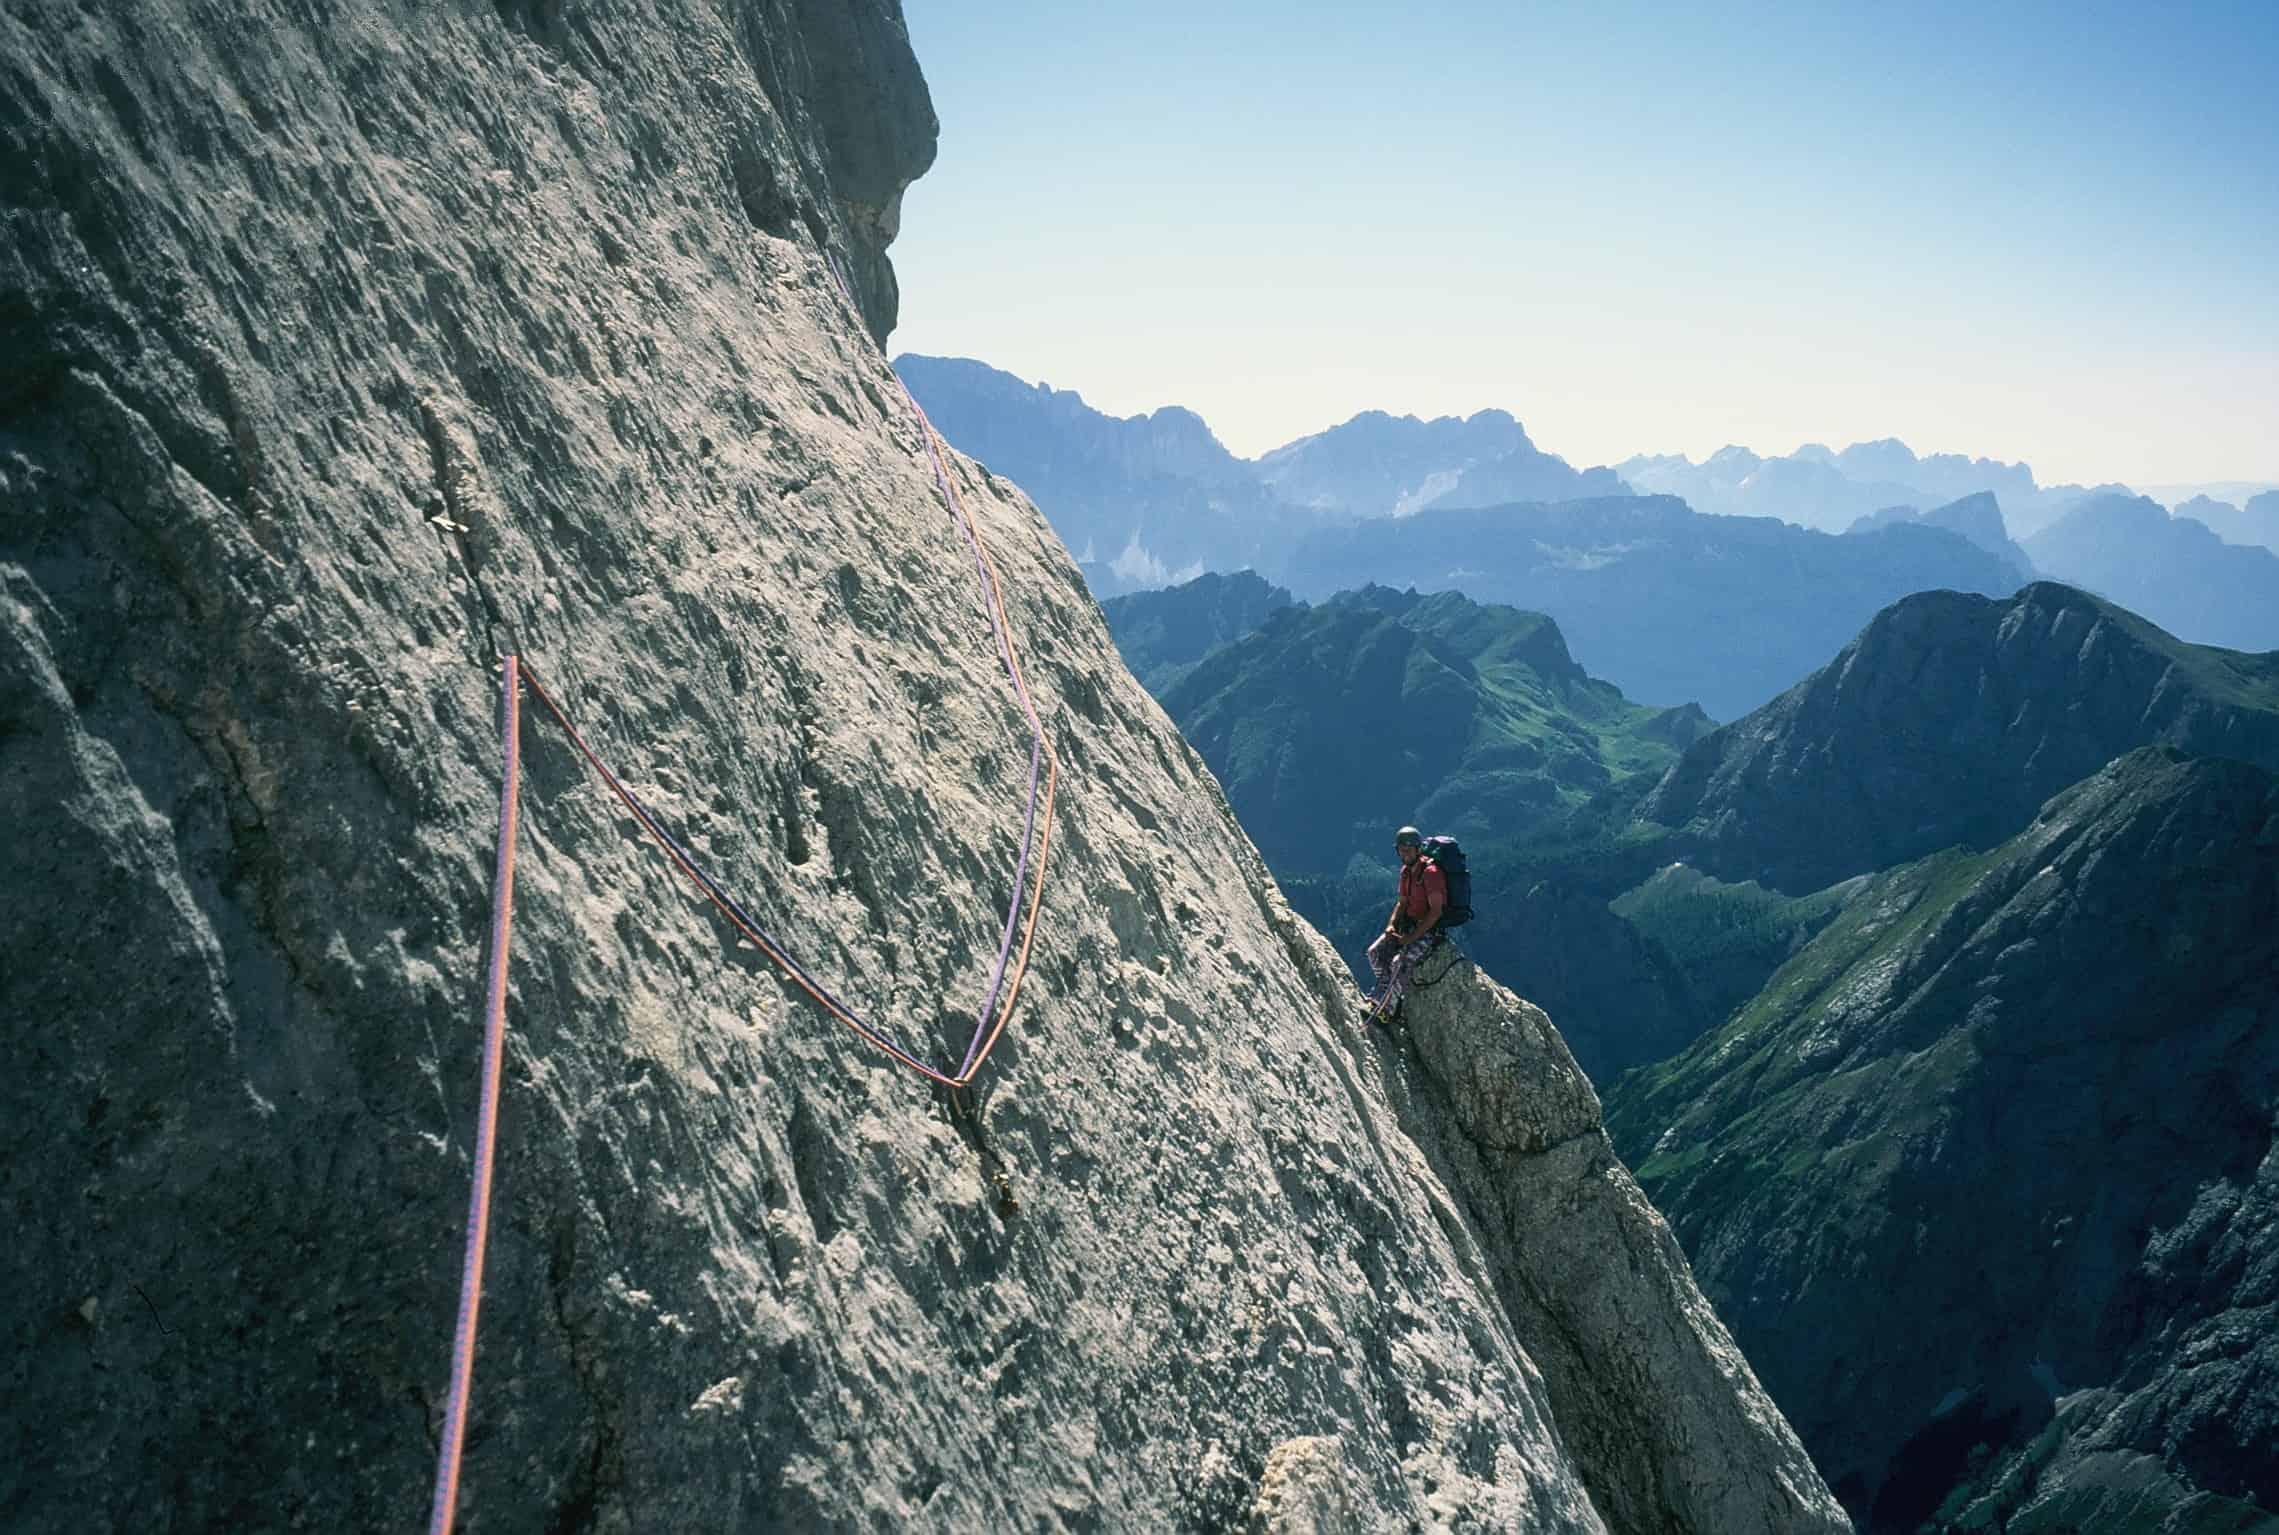 Vinatzer-Messner an der Marmolada